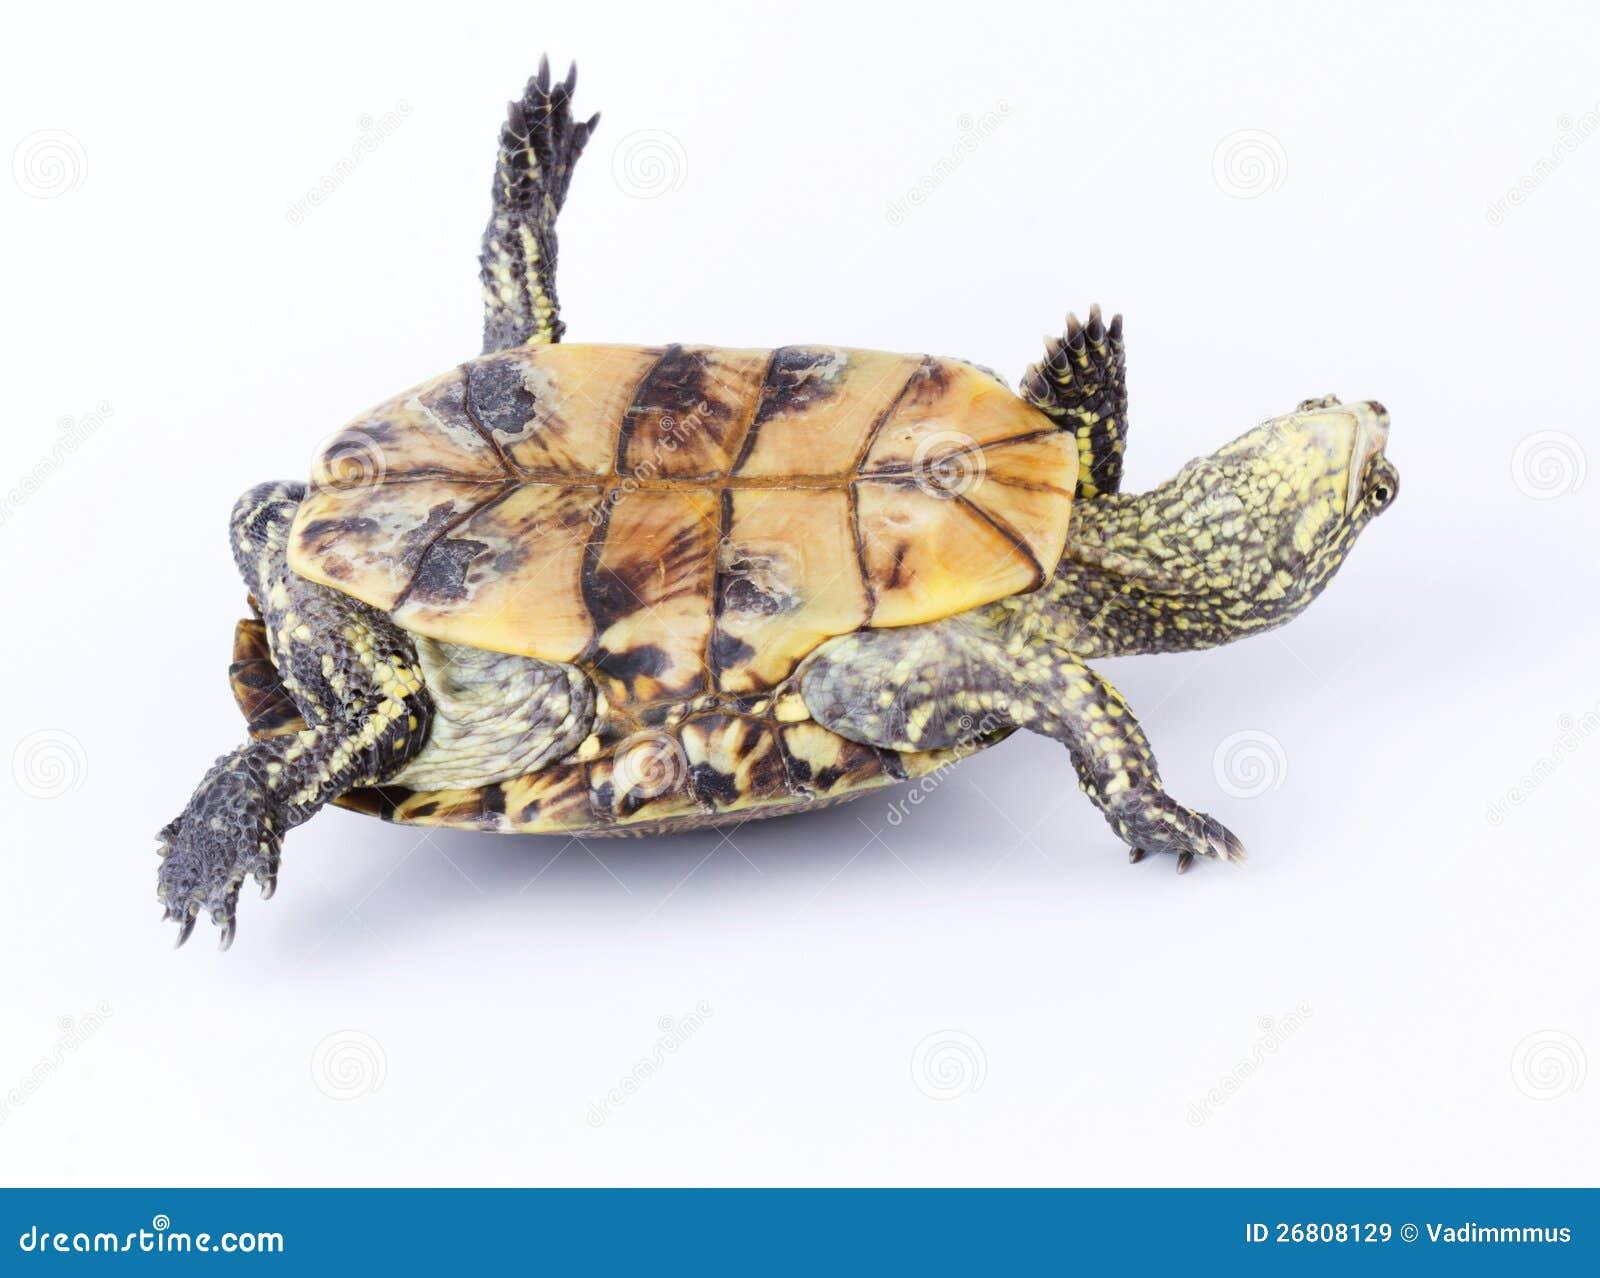 Żółw do góry nogami